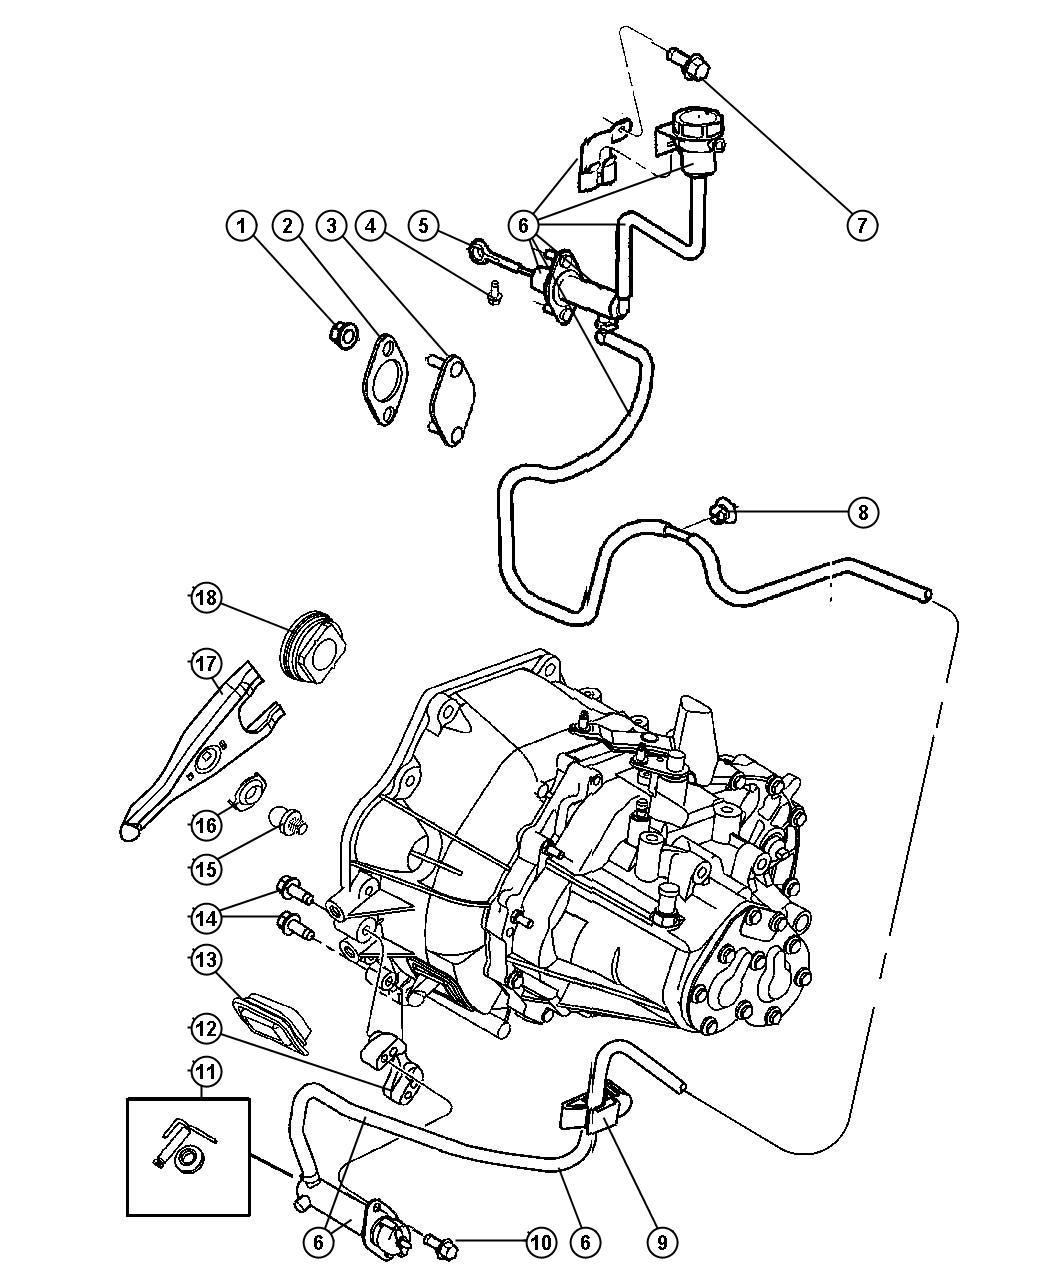 hight resolution of 2006 pt cruiser rear suspension diagram imageresizertool com 2007 chrysler pt cruiser fuse box location 2007